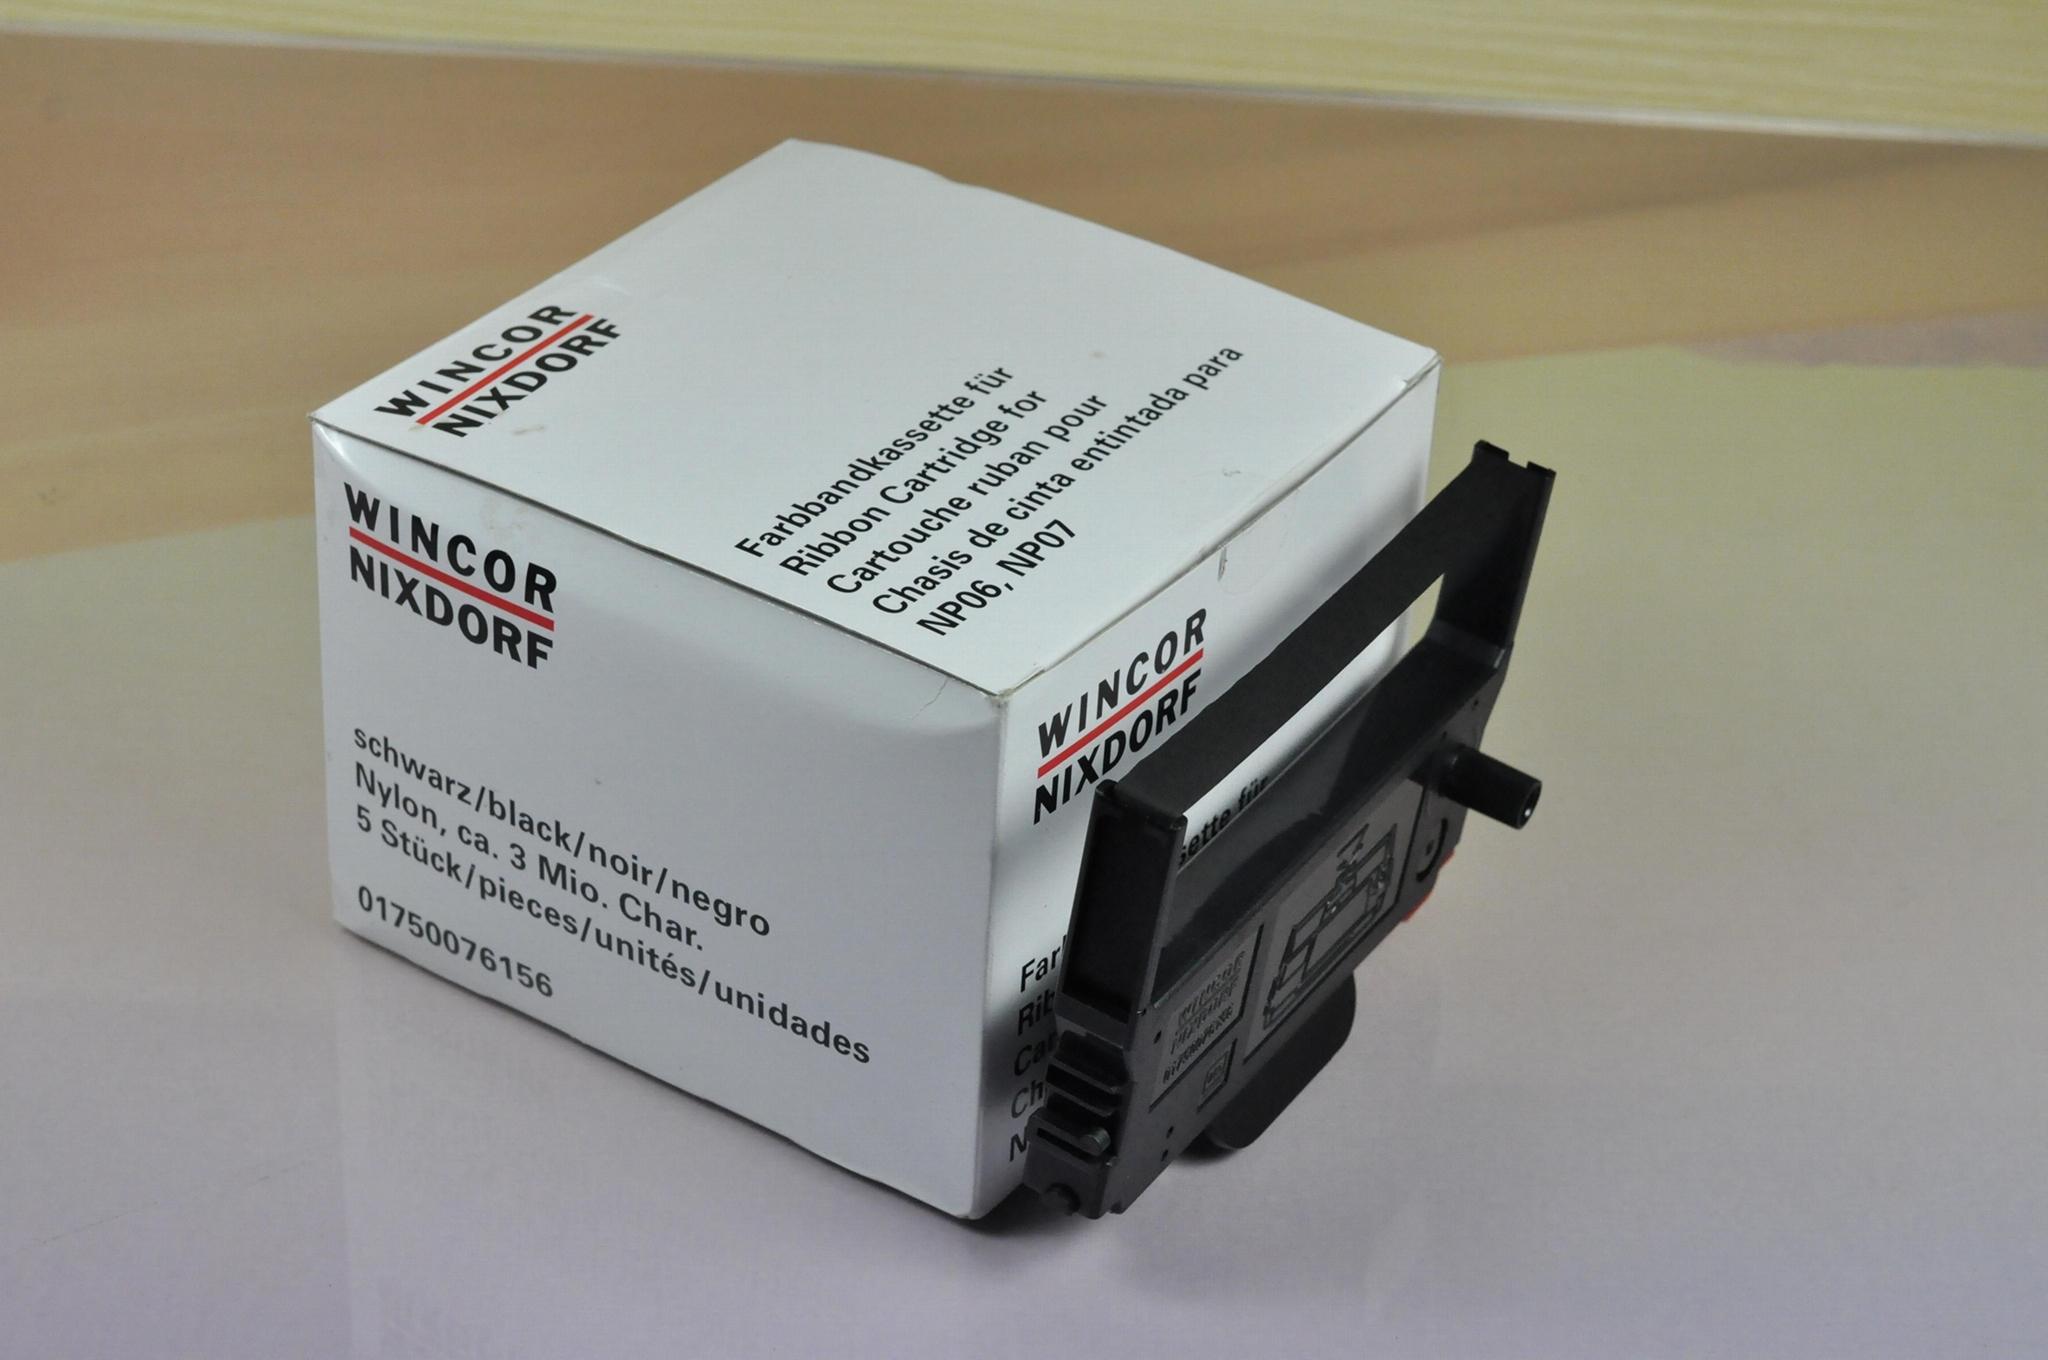 WINCOR NIXDORF 01750076156, NIXDORF NP06/07